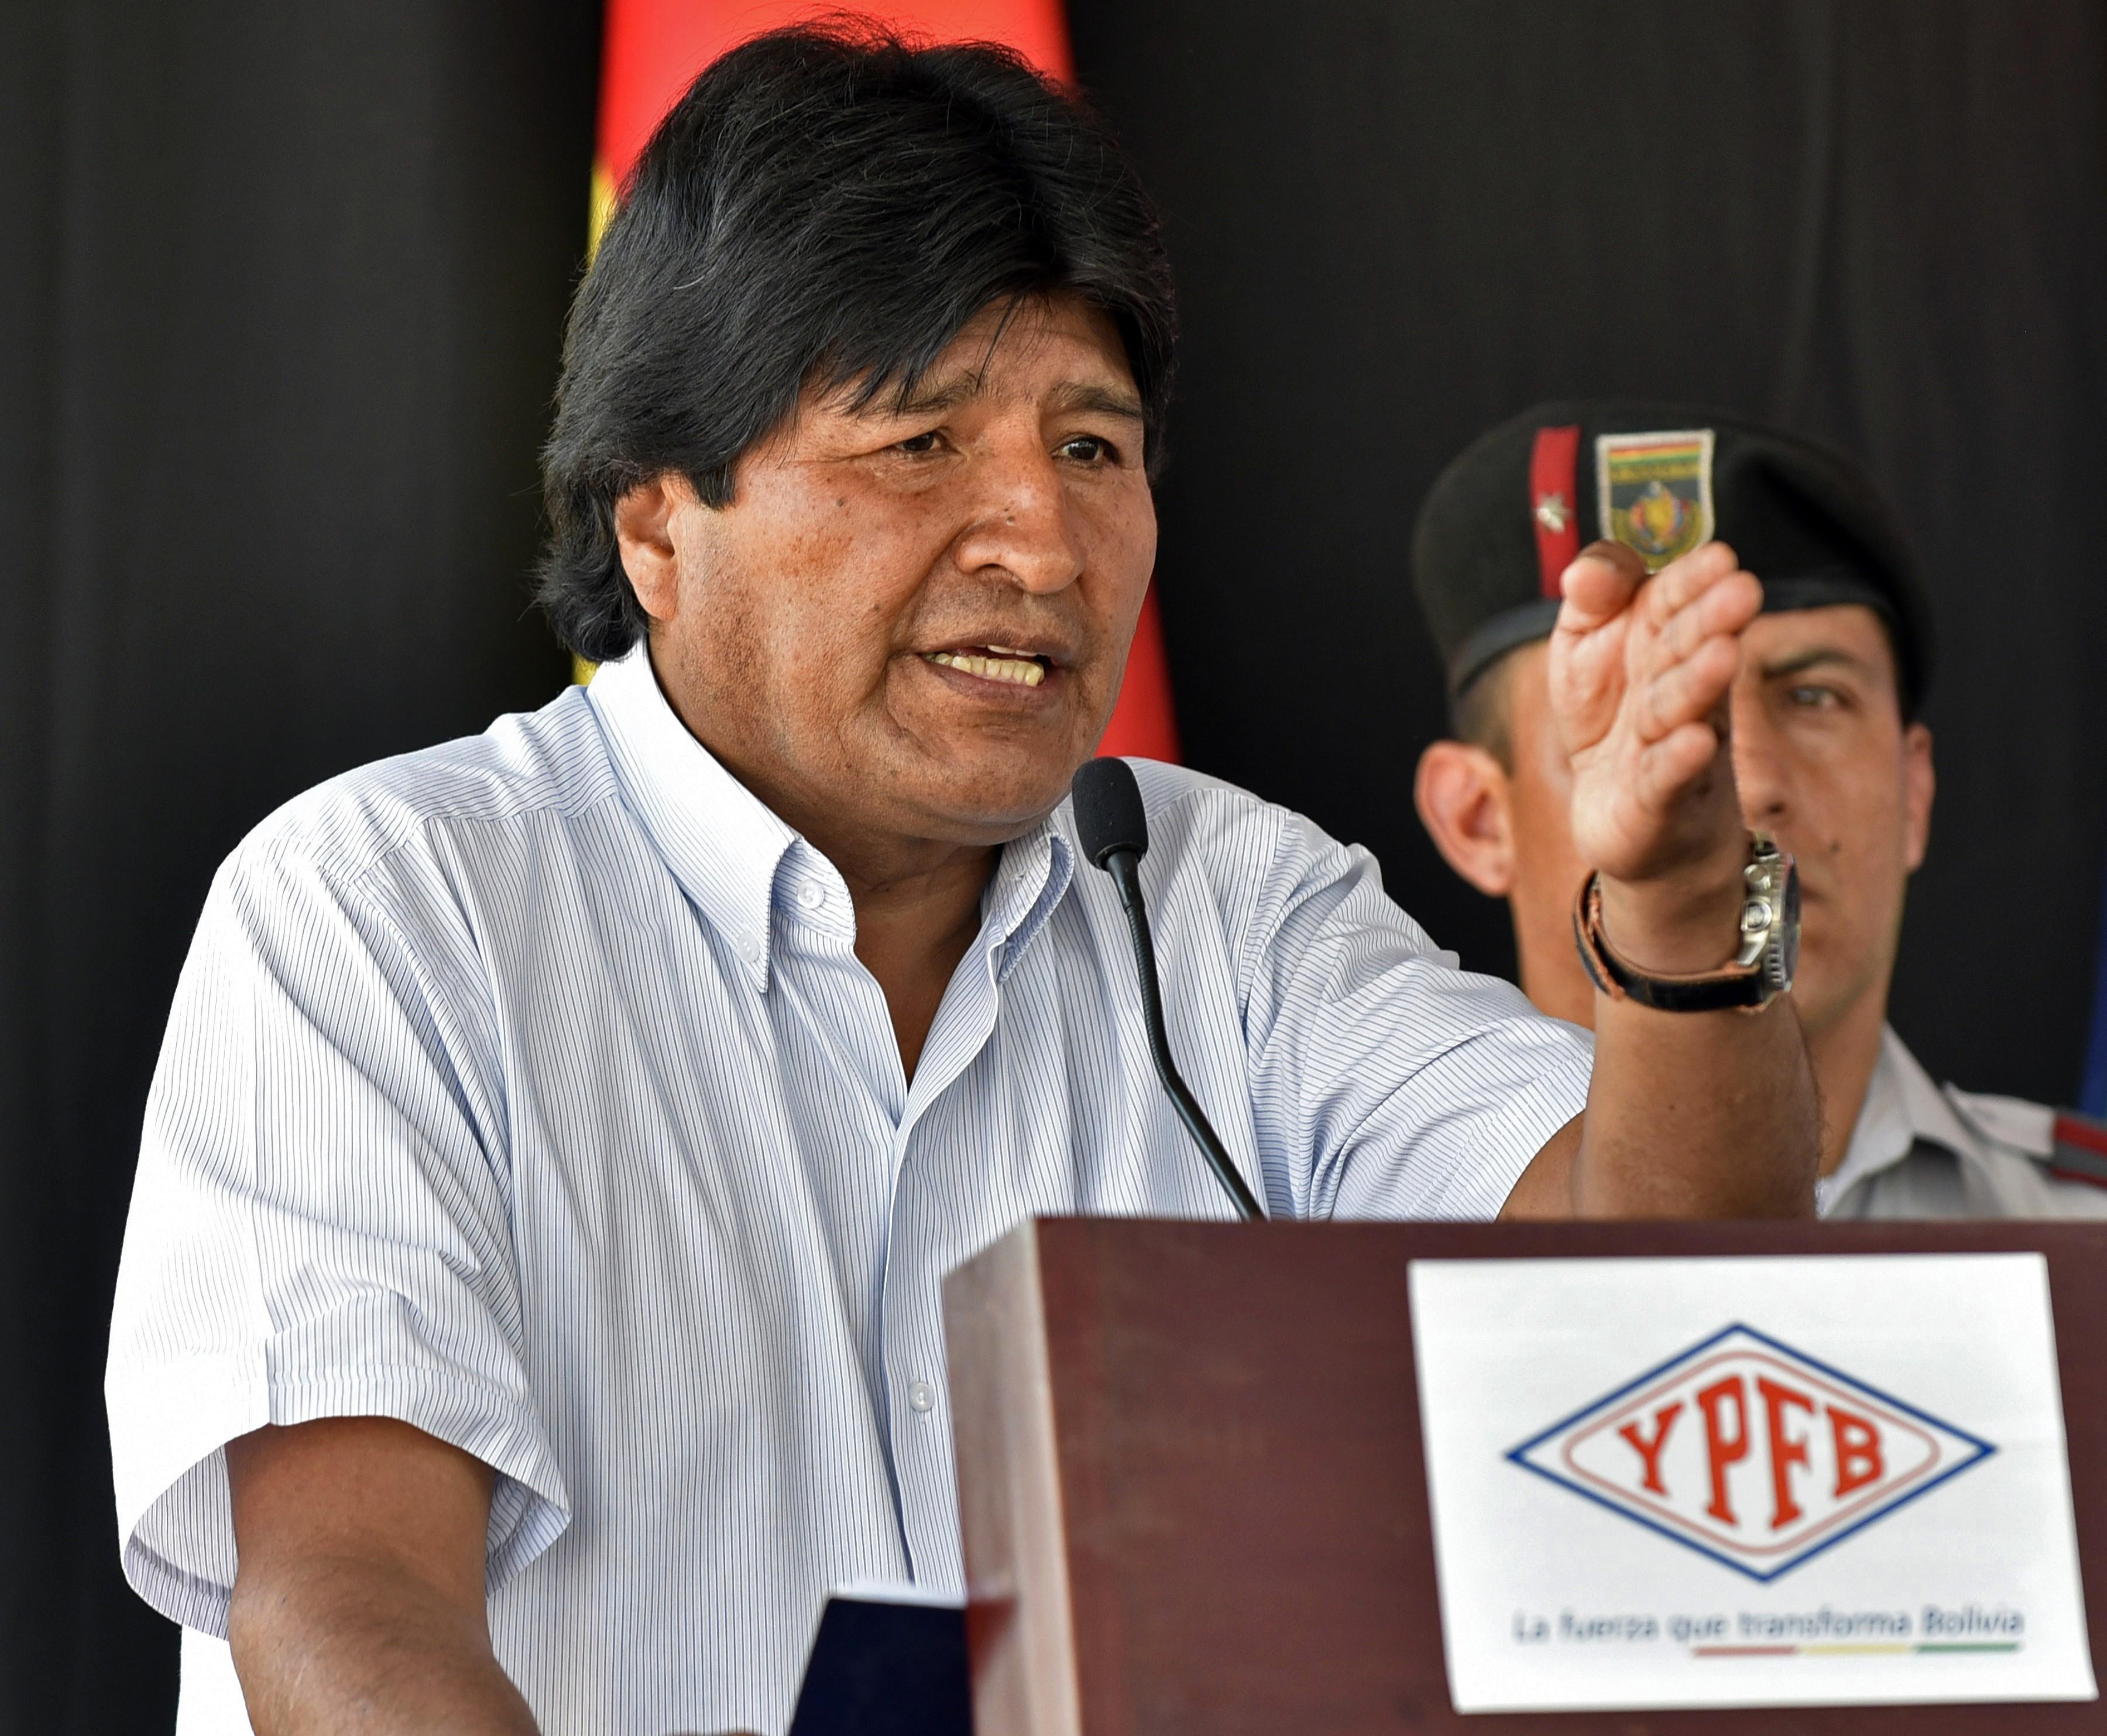 Bolivian President Evo Morales Ayma delivers a speech in Carapari, Tarija, Bolivia on Nov. 17, 2015